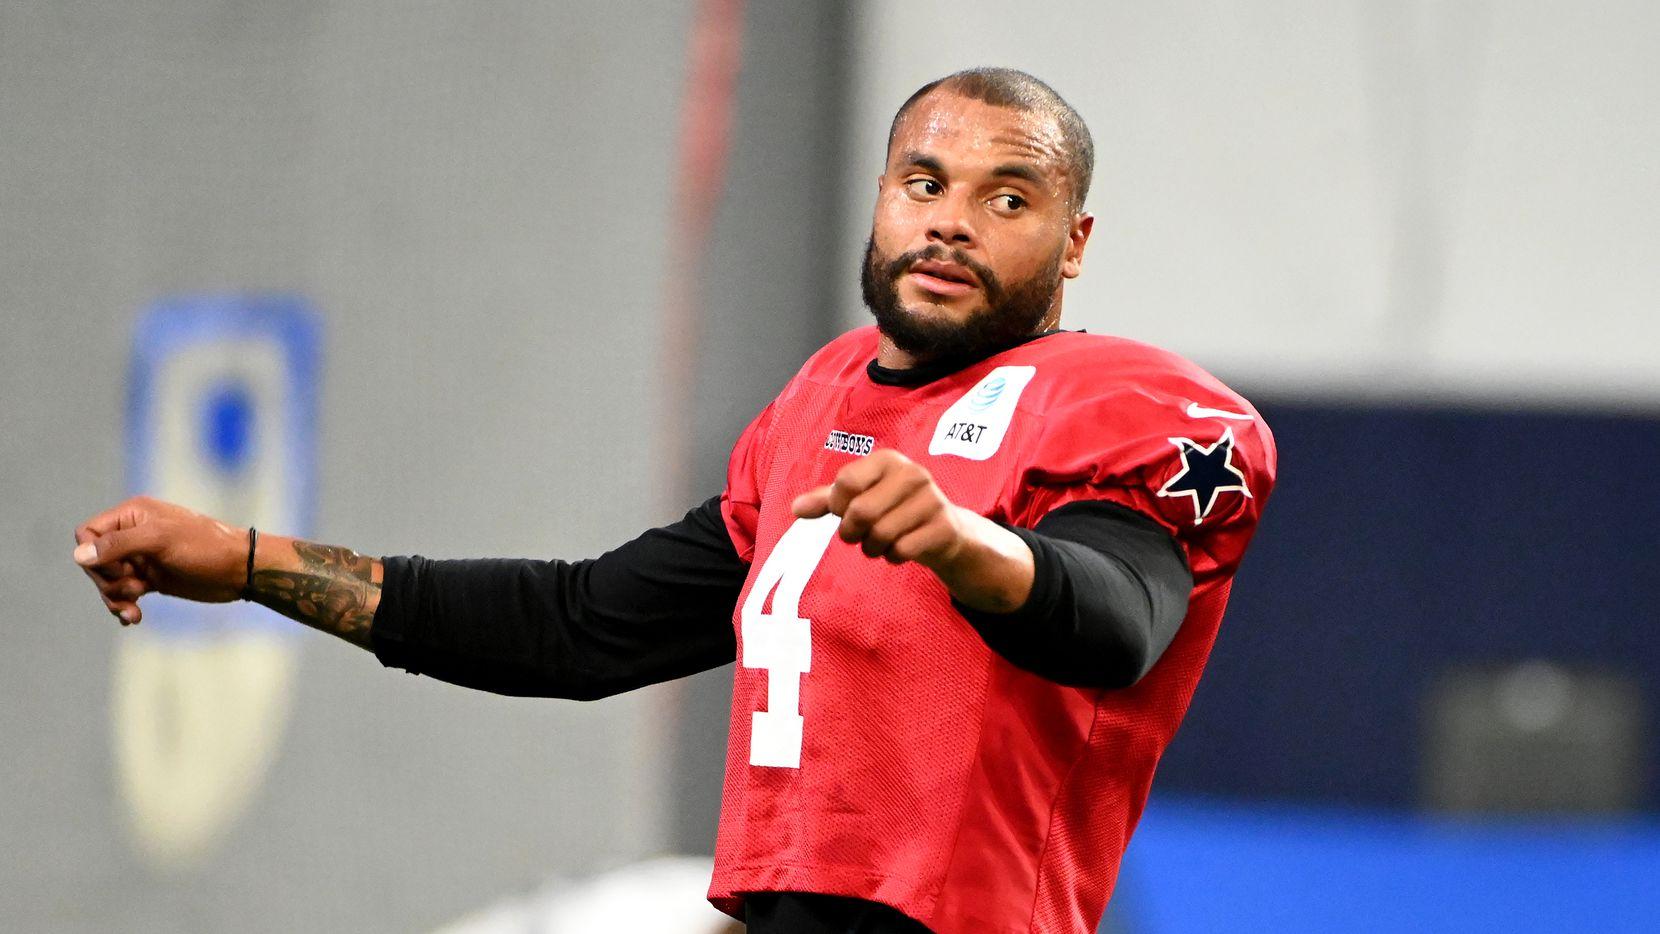 Dak Prescott (4), mariscal titular de los Cowboys de Dallas, entrena el lunes 16 de agosto en el Ford Center de The Star, la sede de entrenamientos de los Cowboys